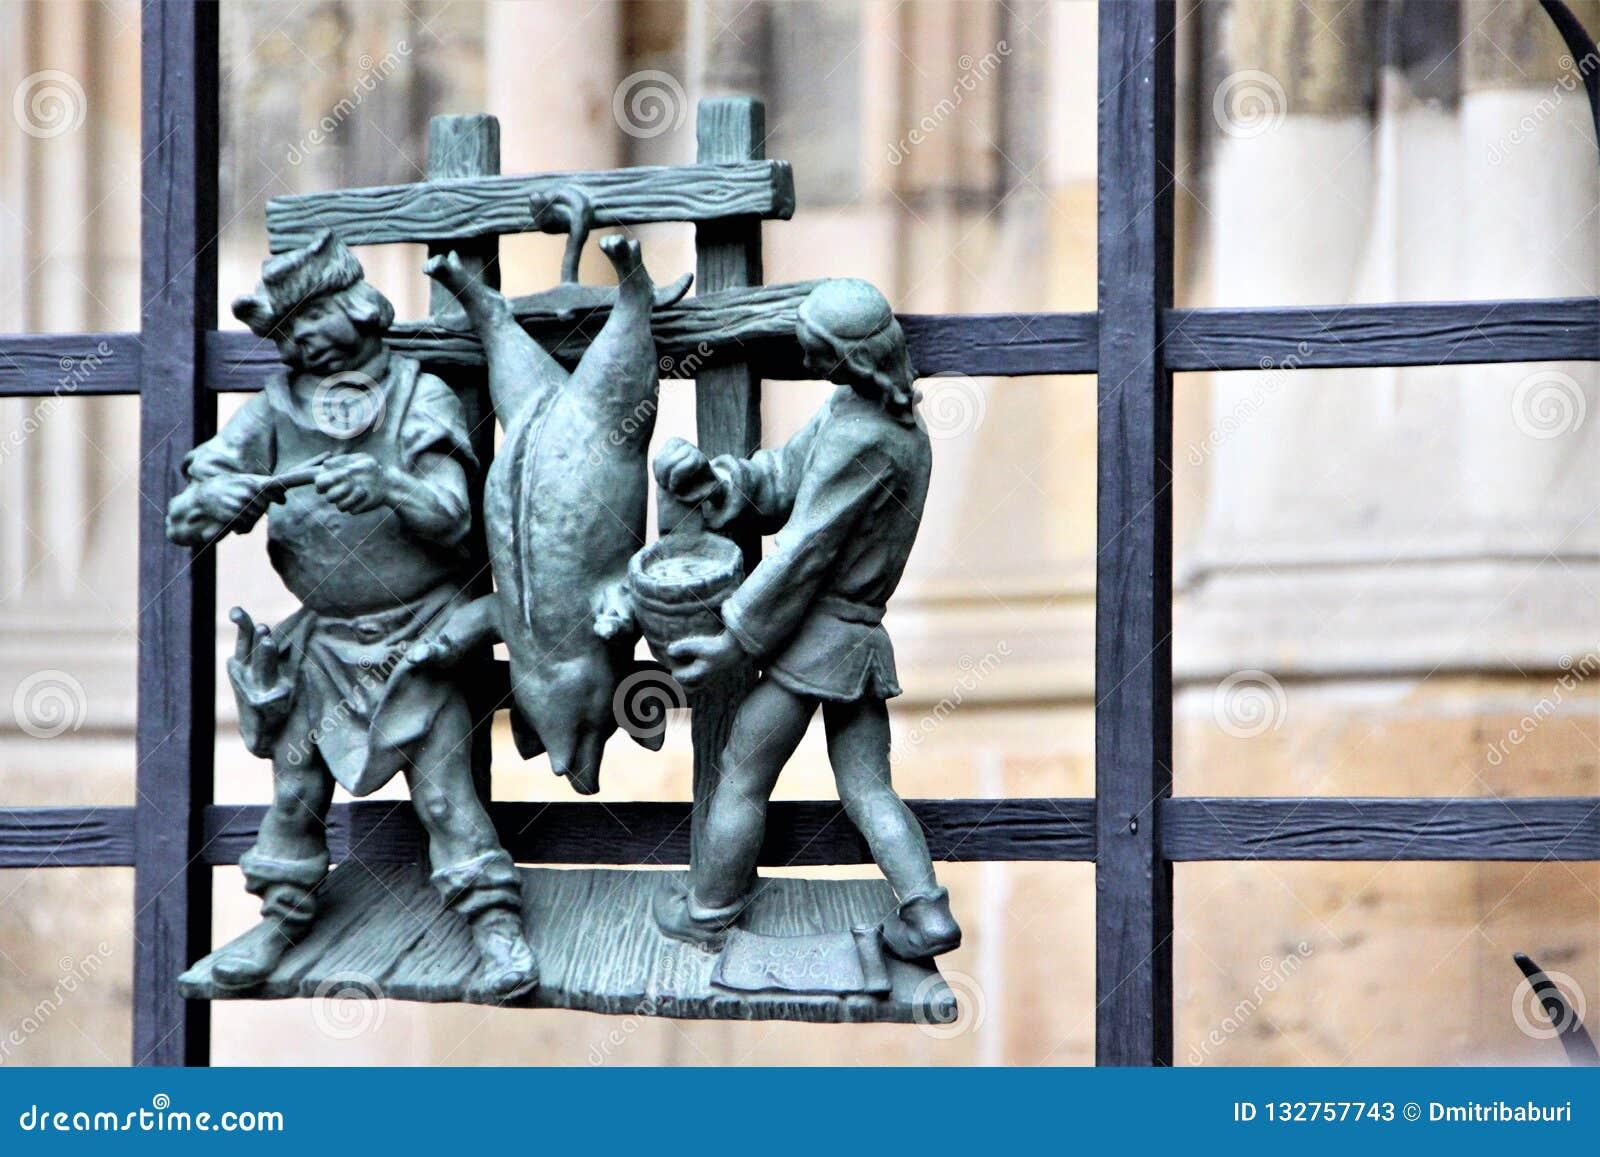 Figures des artisans, verrat de radedelivayuschih, sur le trellis de la cathédrale de St Vitus à Prague